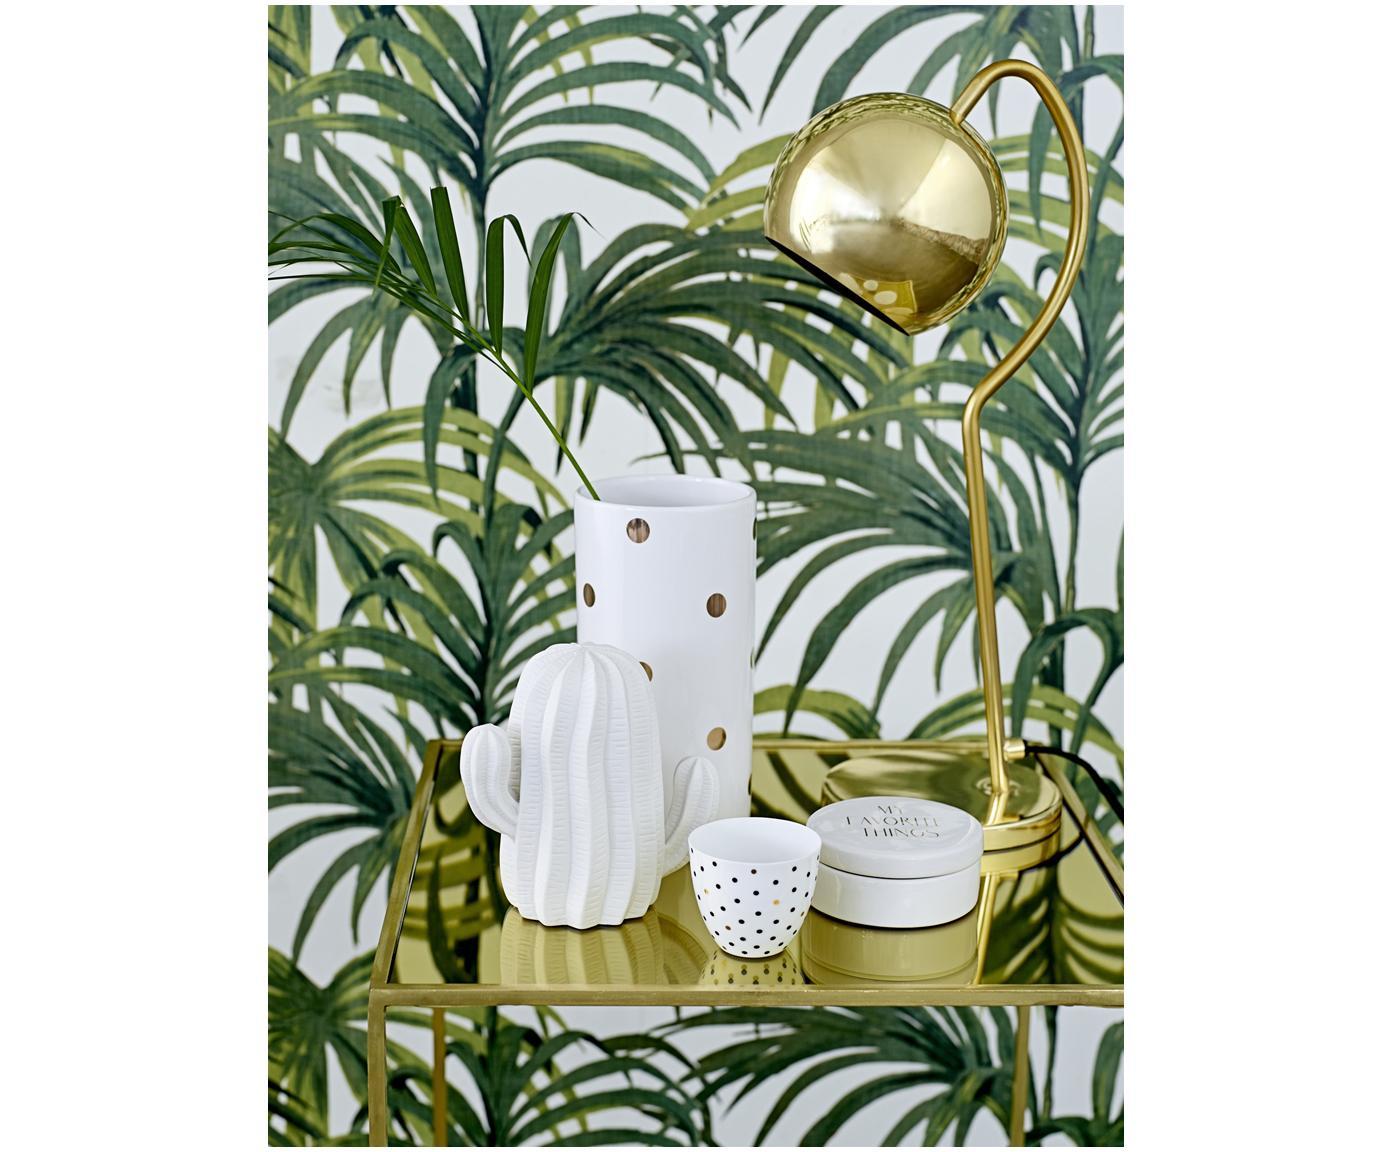 Komplet kaktusów dekoracyjnych Dina, 3 elem., Porcelana surowa, matowa, Biały, Różne rozmiary